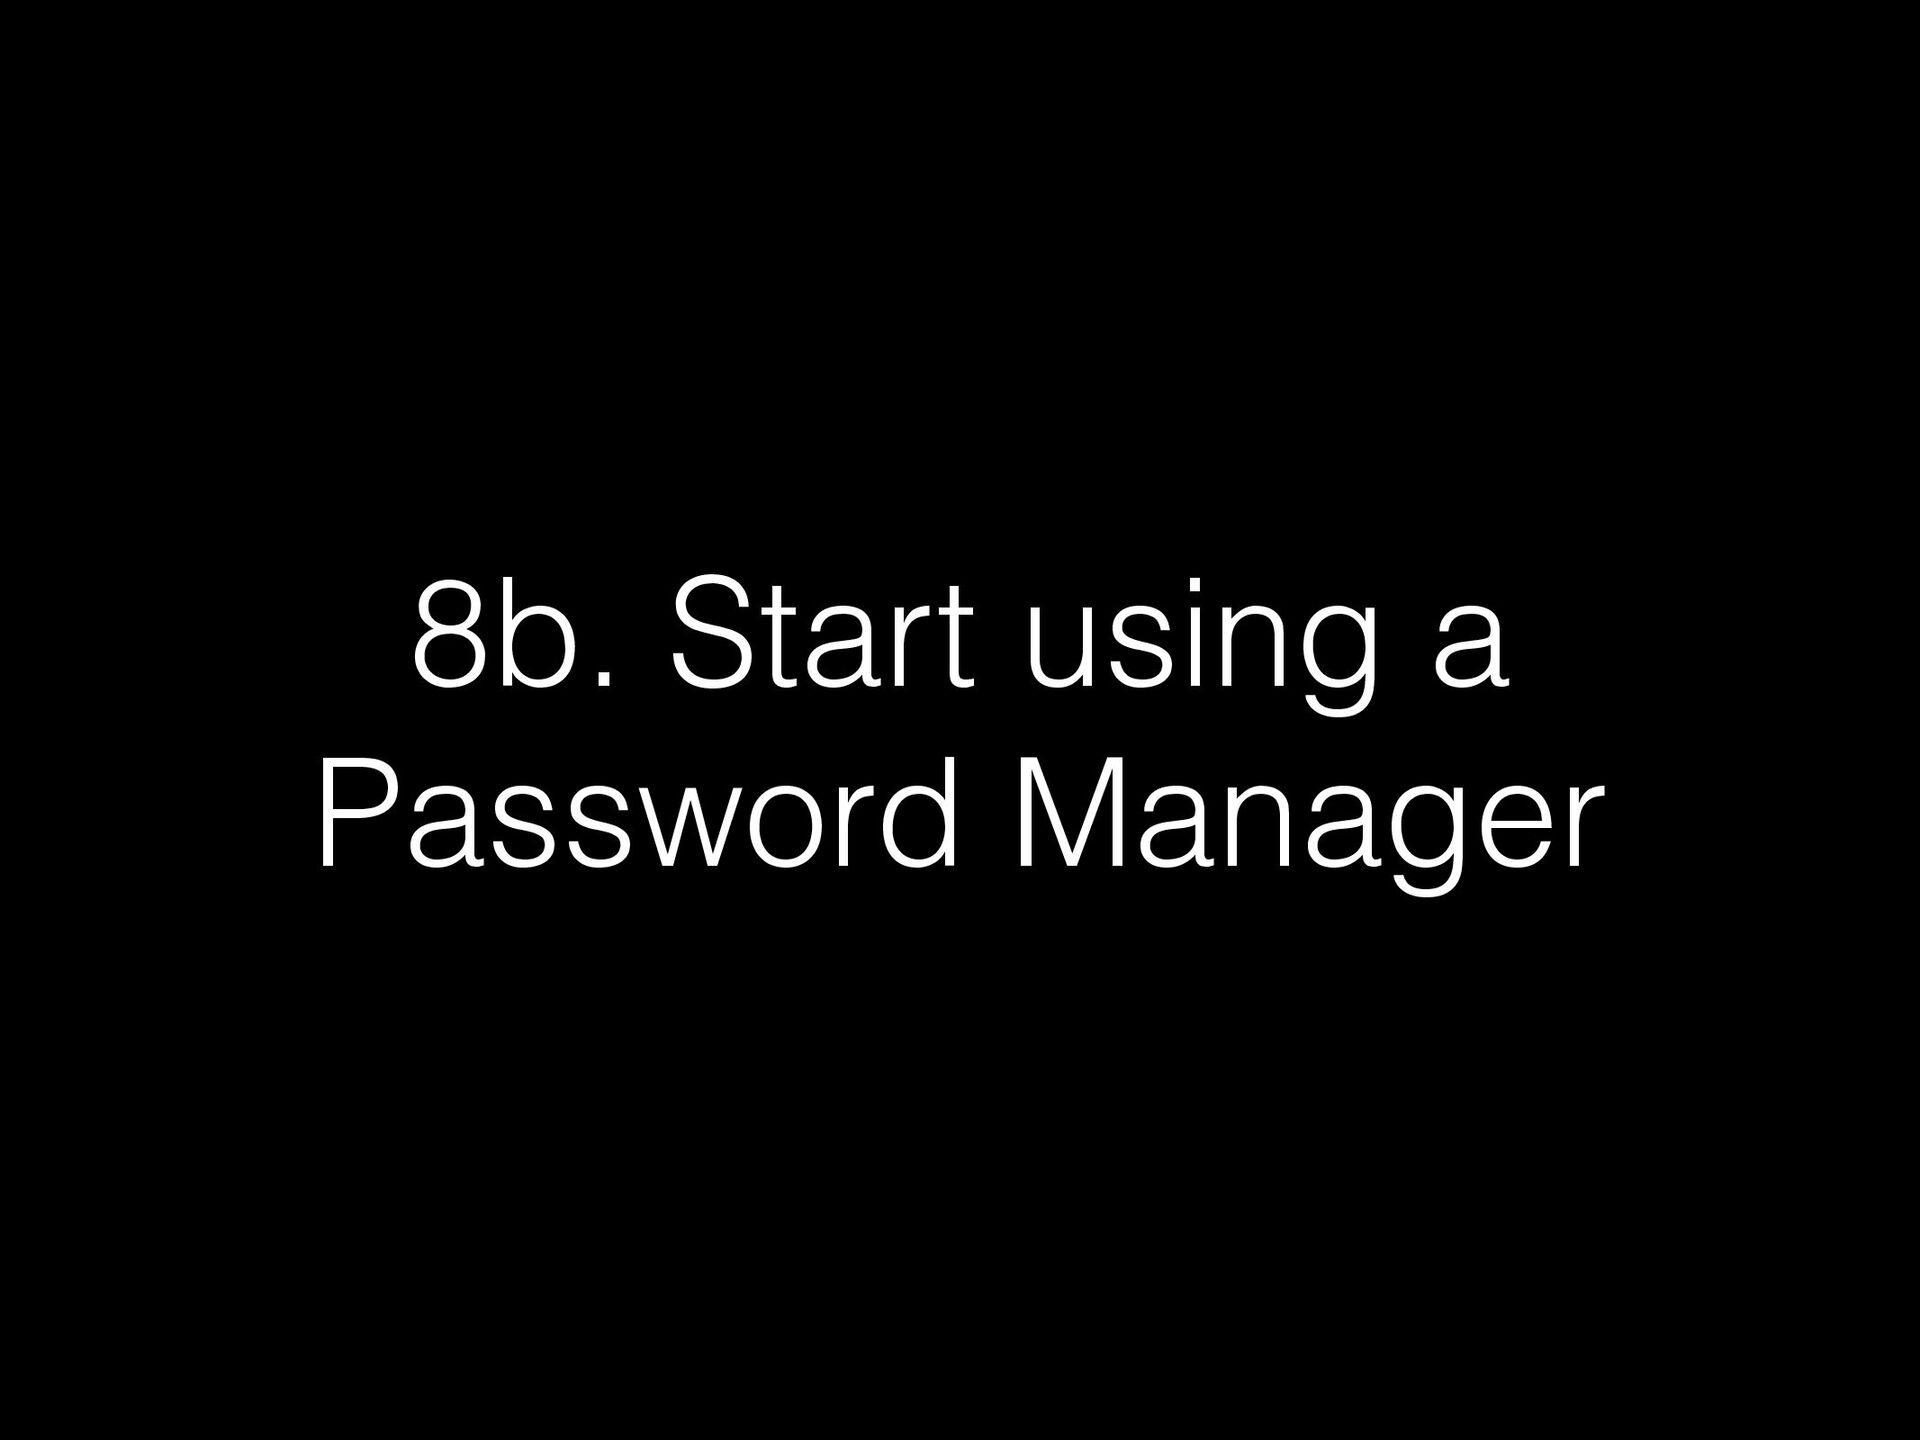 https://www.eff.org/dice